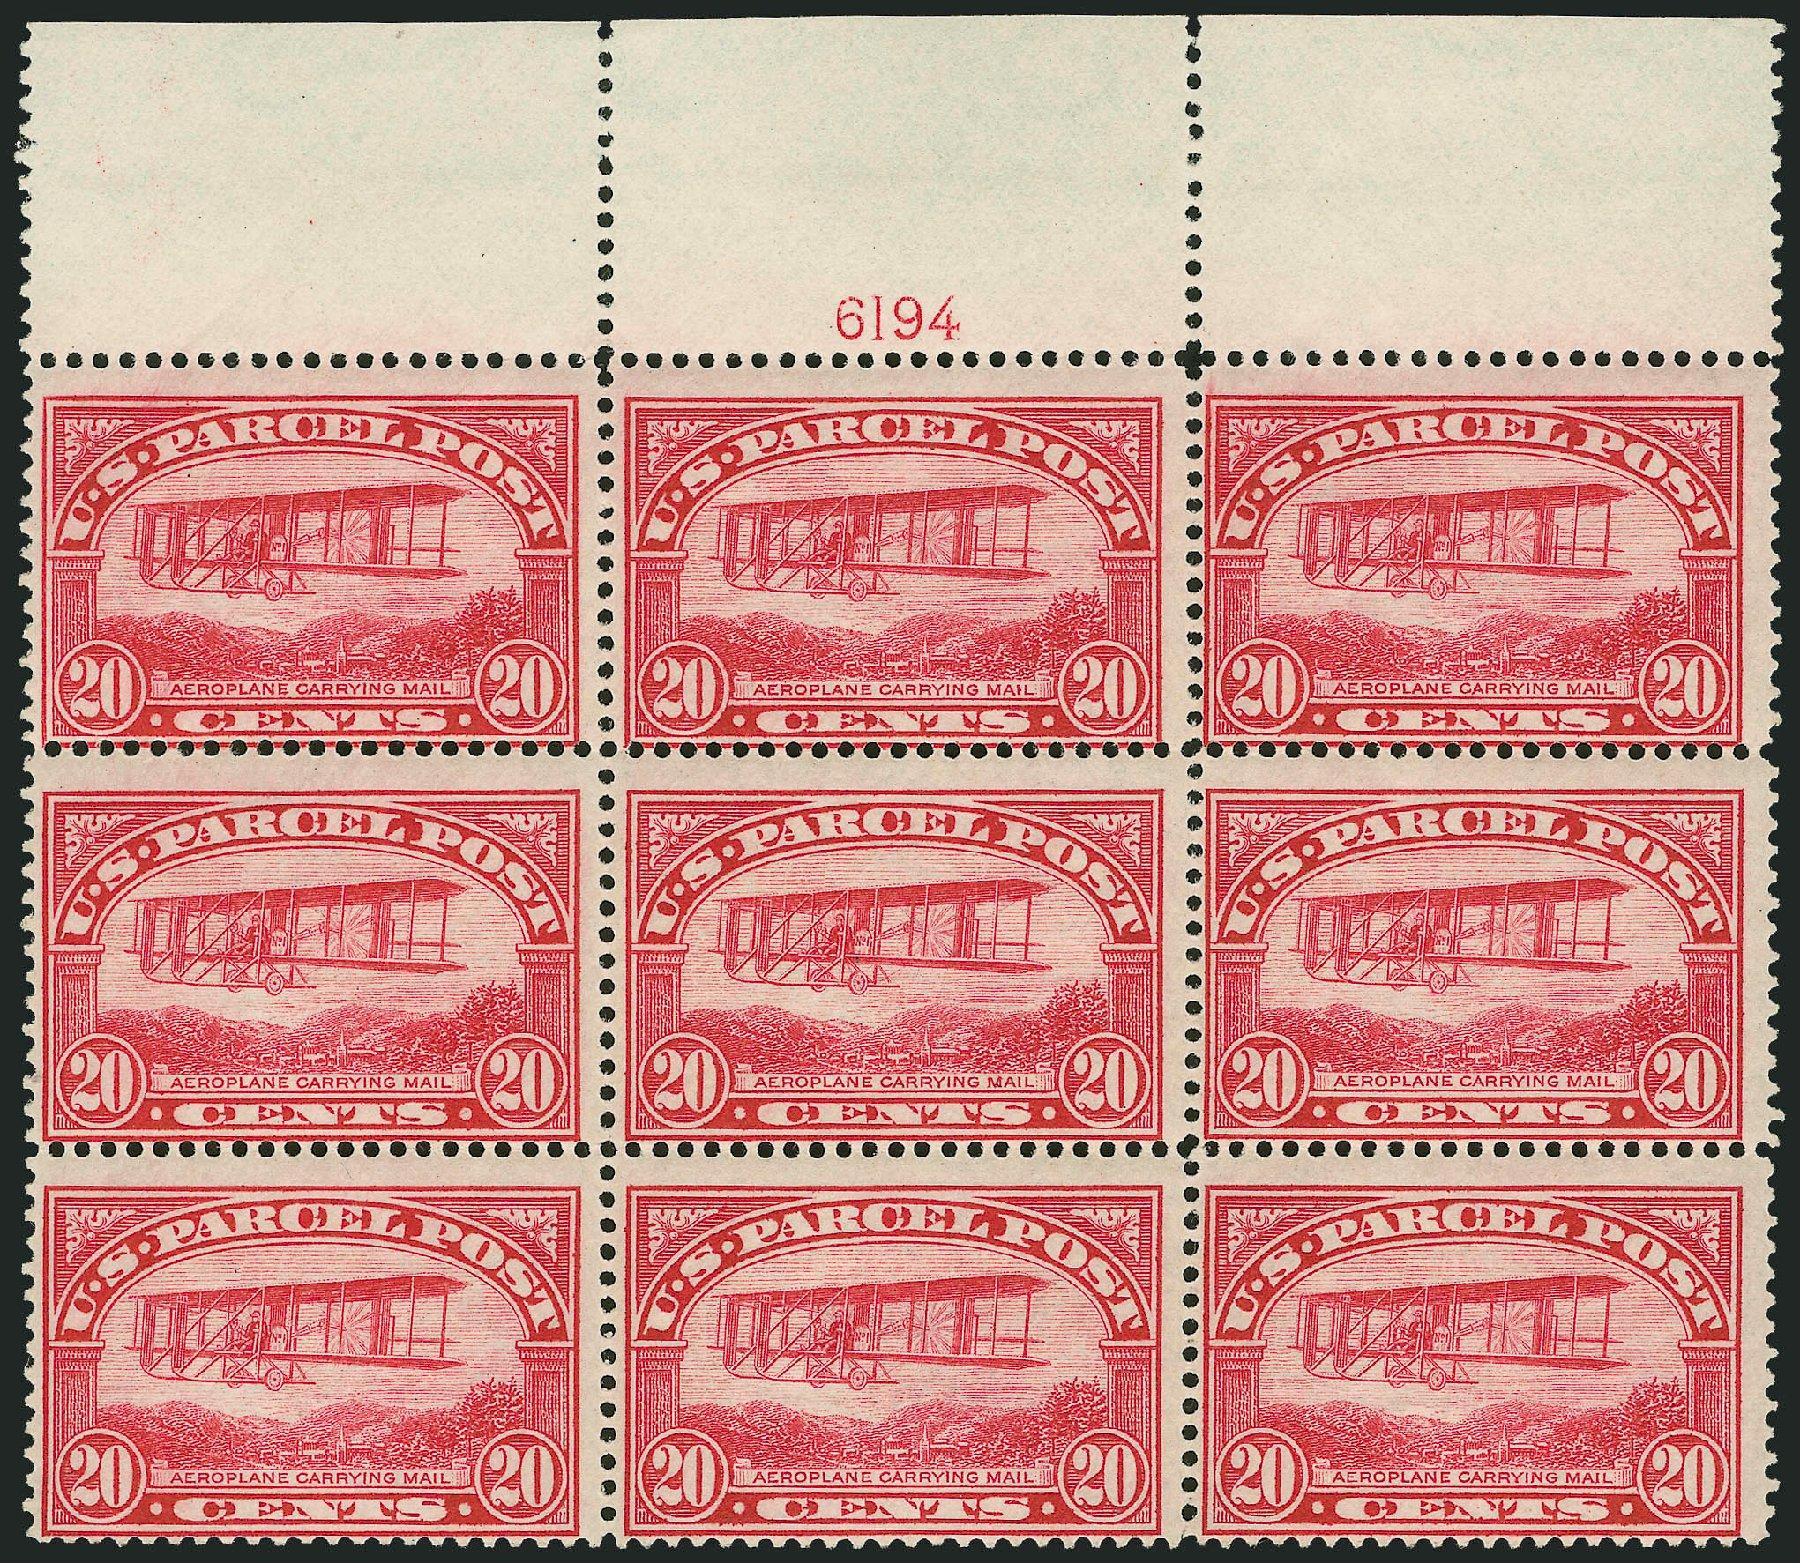 US Stamps Prices Scott Cat. # Q8 - 20c 1913 Parcel Post. Robert Siegel Auction Galleries, Mar 2015, Sale 1094, Lot 286